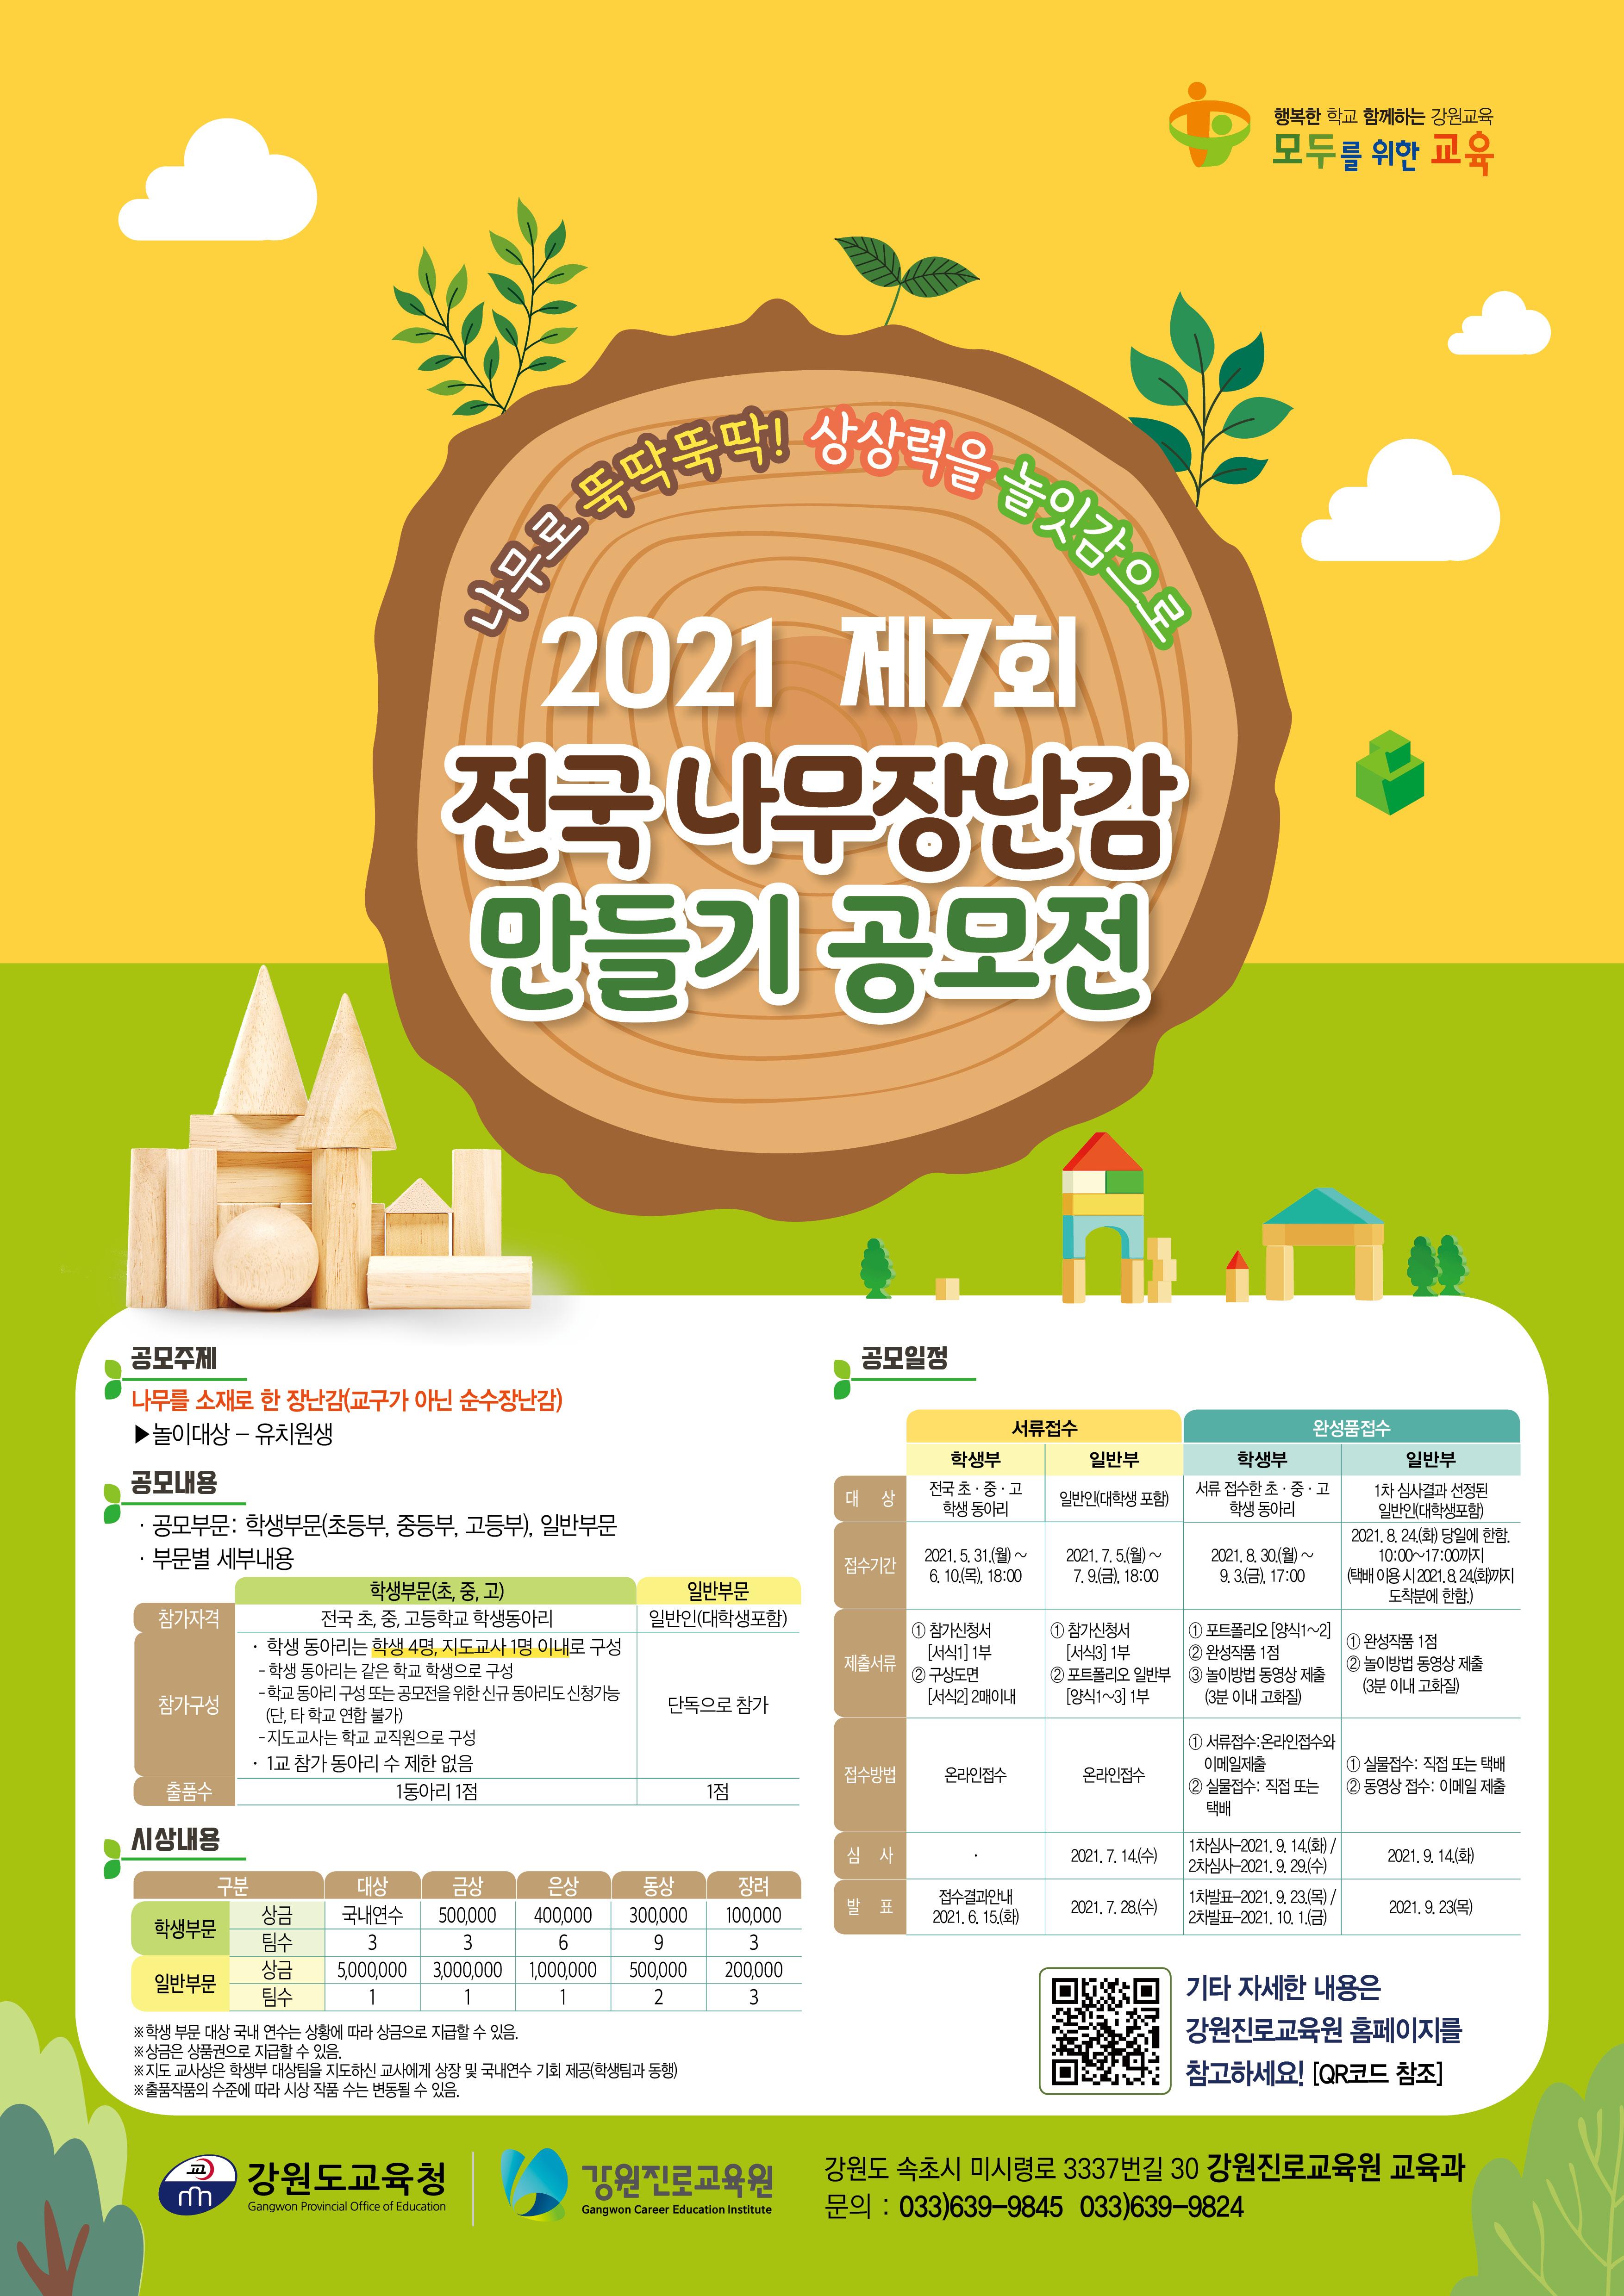 [일반] 2021 제7회 전국 나무장난감 만들기 공모전 안내의 첨부이미지 1